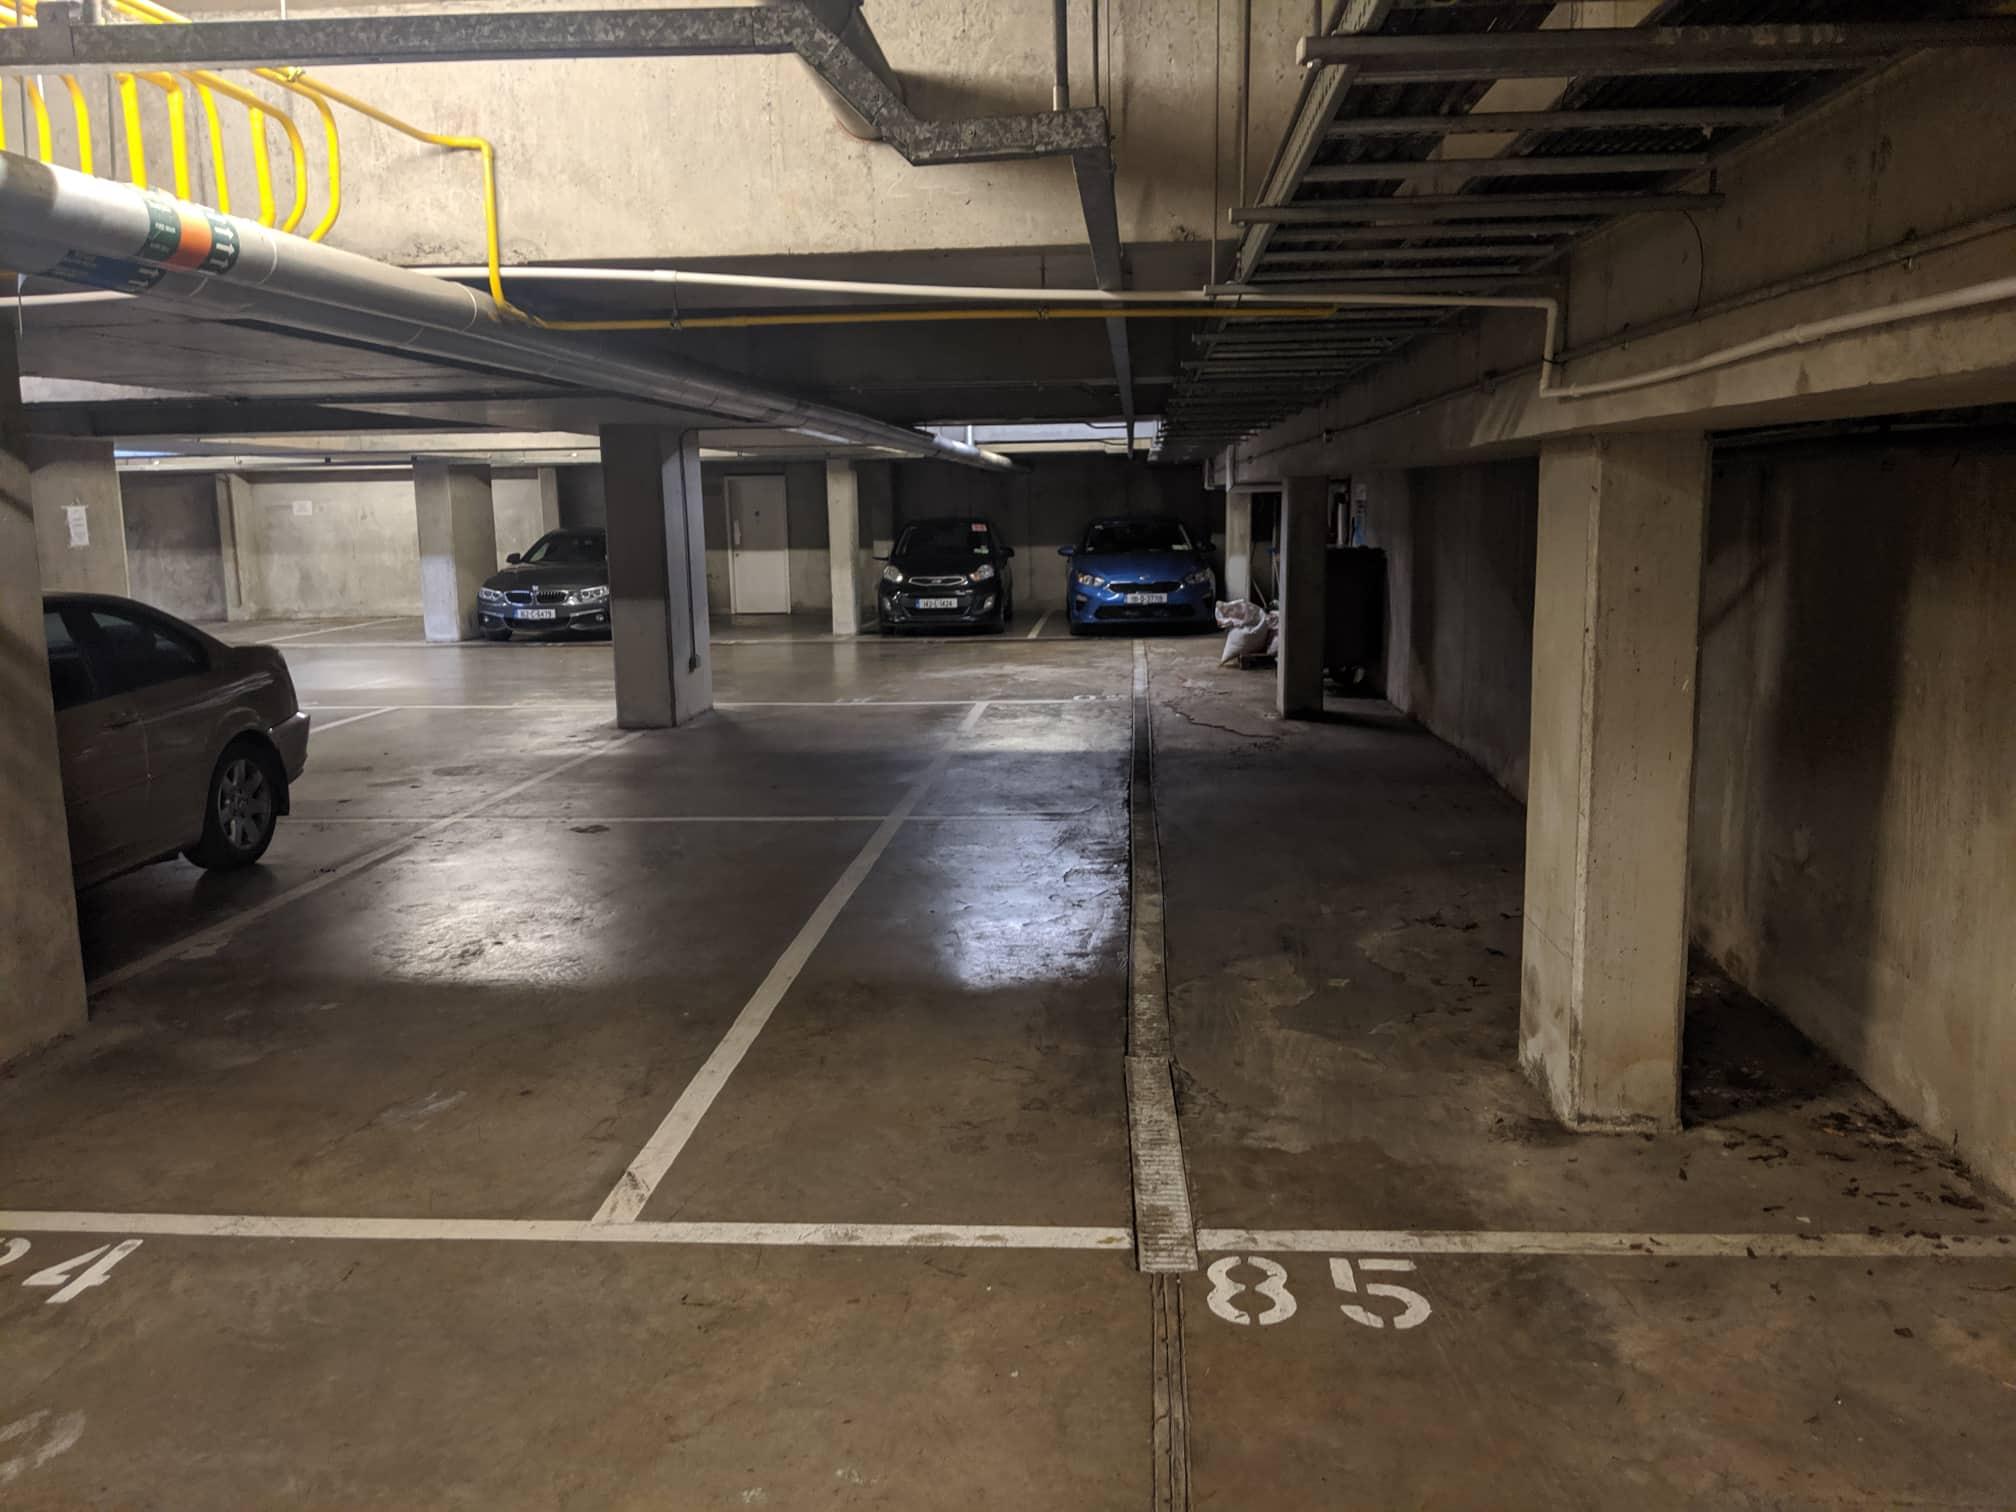 listing-photos/6396/parkingspace1-5d1e48a84914f.jpg